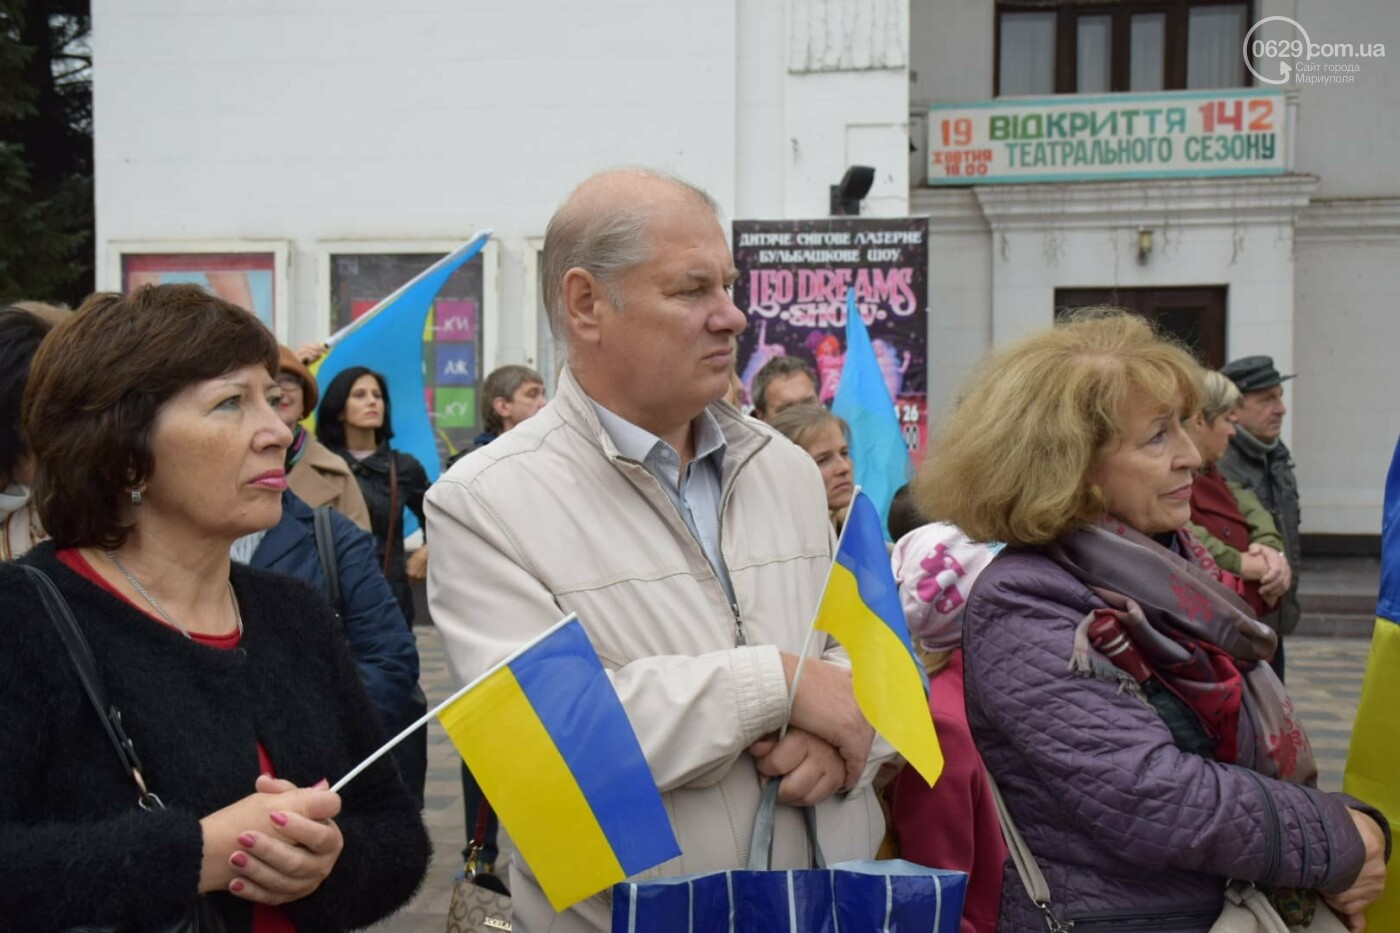 #НiКапітуляції. В Мариуполе прошел митинг против формулы Штайнмайера, - ФОТОРЕПОРТАЖ, фото-13